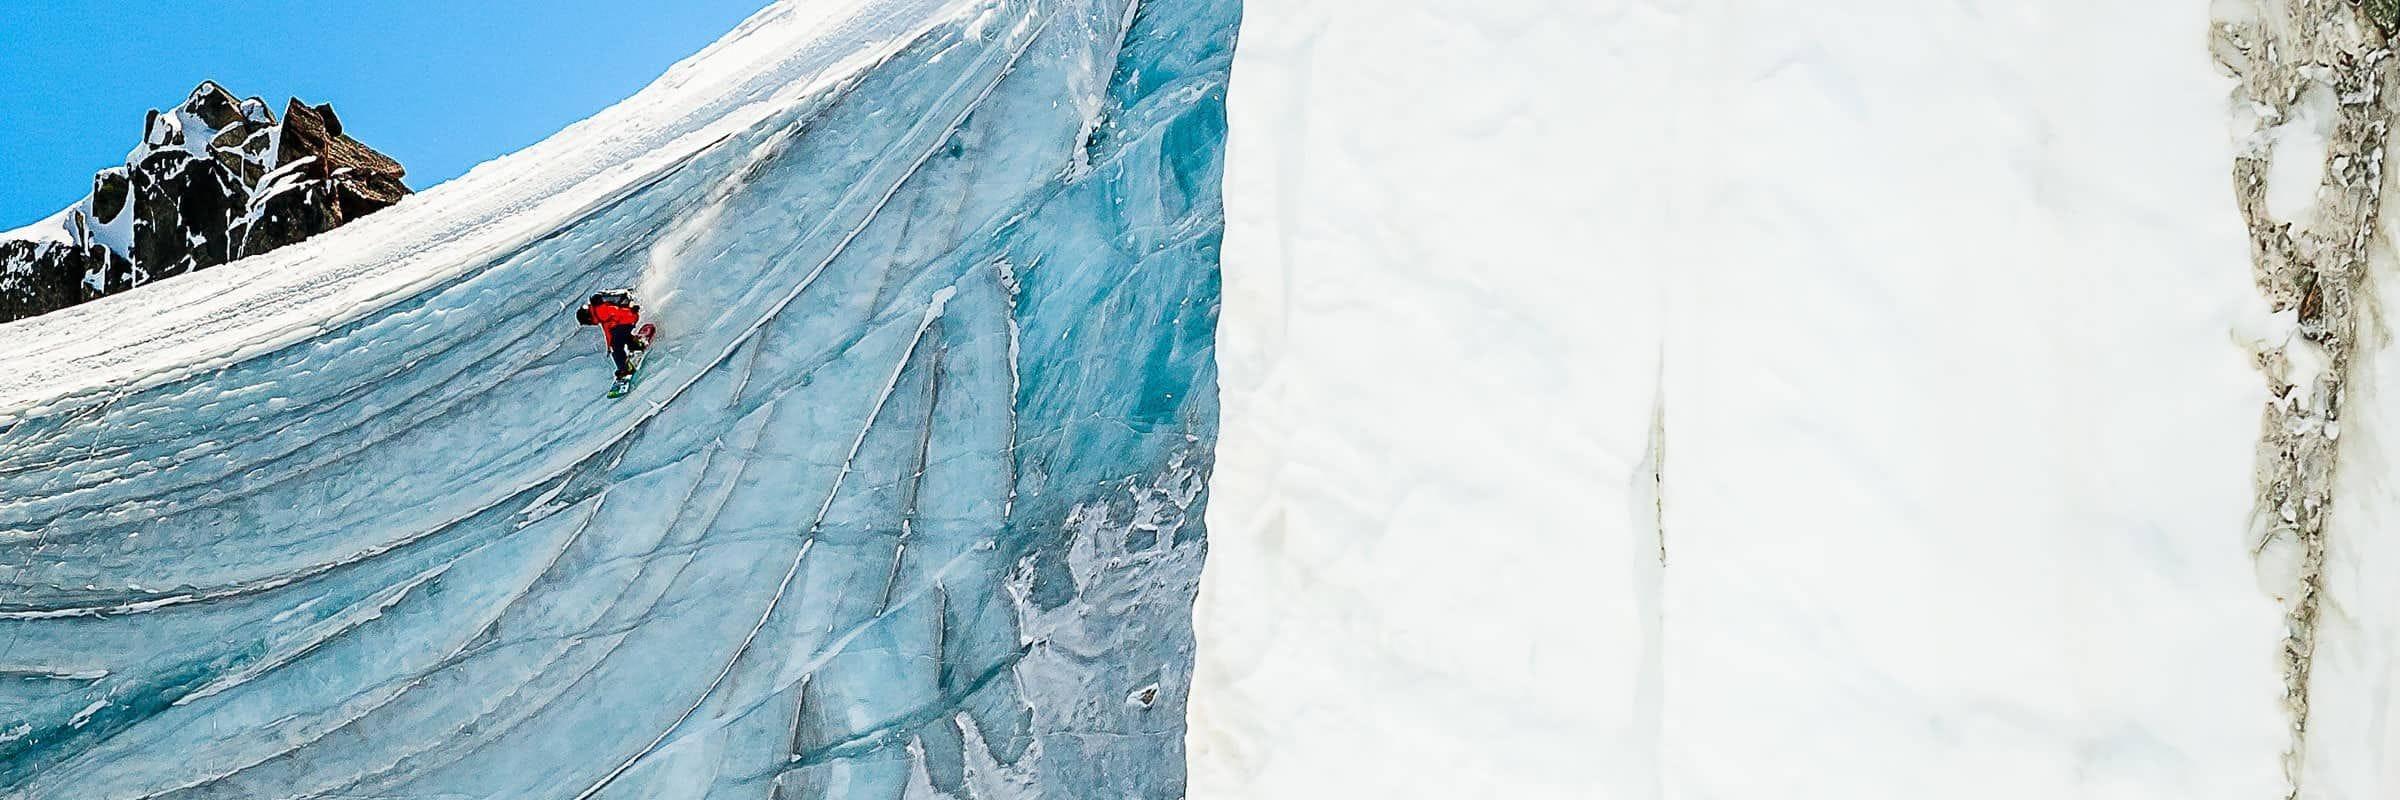 The North Face Steep Series : Un ensemble. Toutes les aventures.